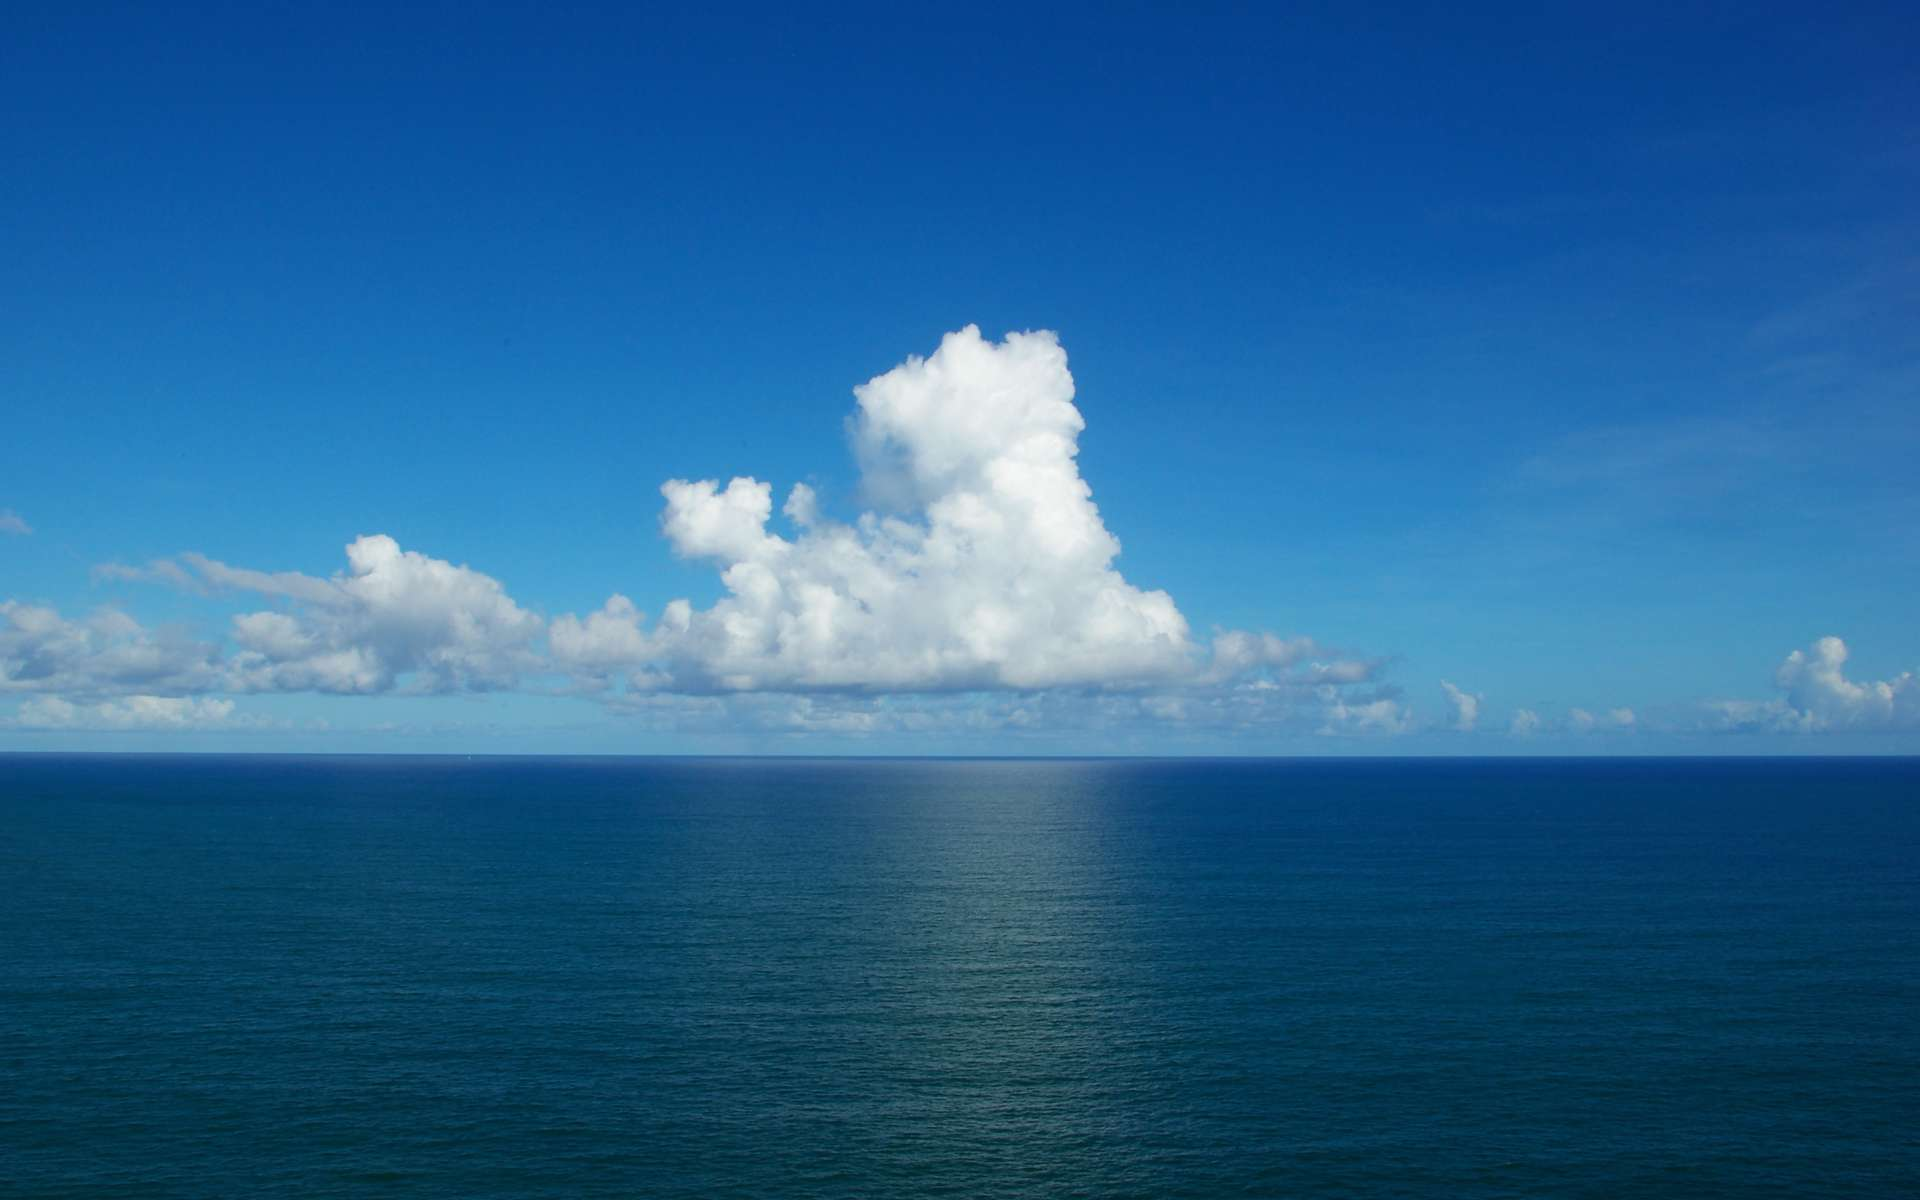 L'océan Atlantique s'est formé durant le Crétacé, par l'élargissement de sa partie nord et la naissance de sa moitié sud. Il se serait ouvert voici environ 100 millions d'années. © Tiago Fioreze, Flickr, cc by sa 3.0